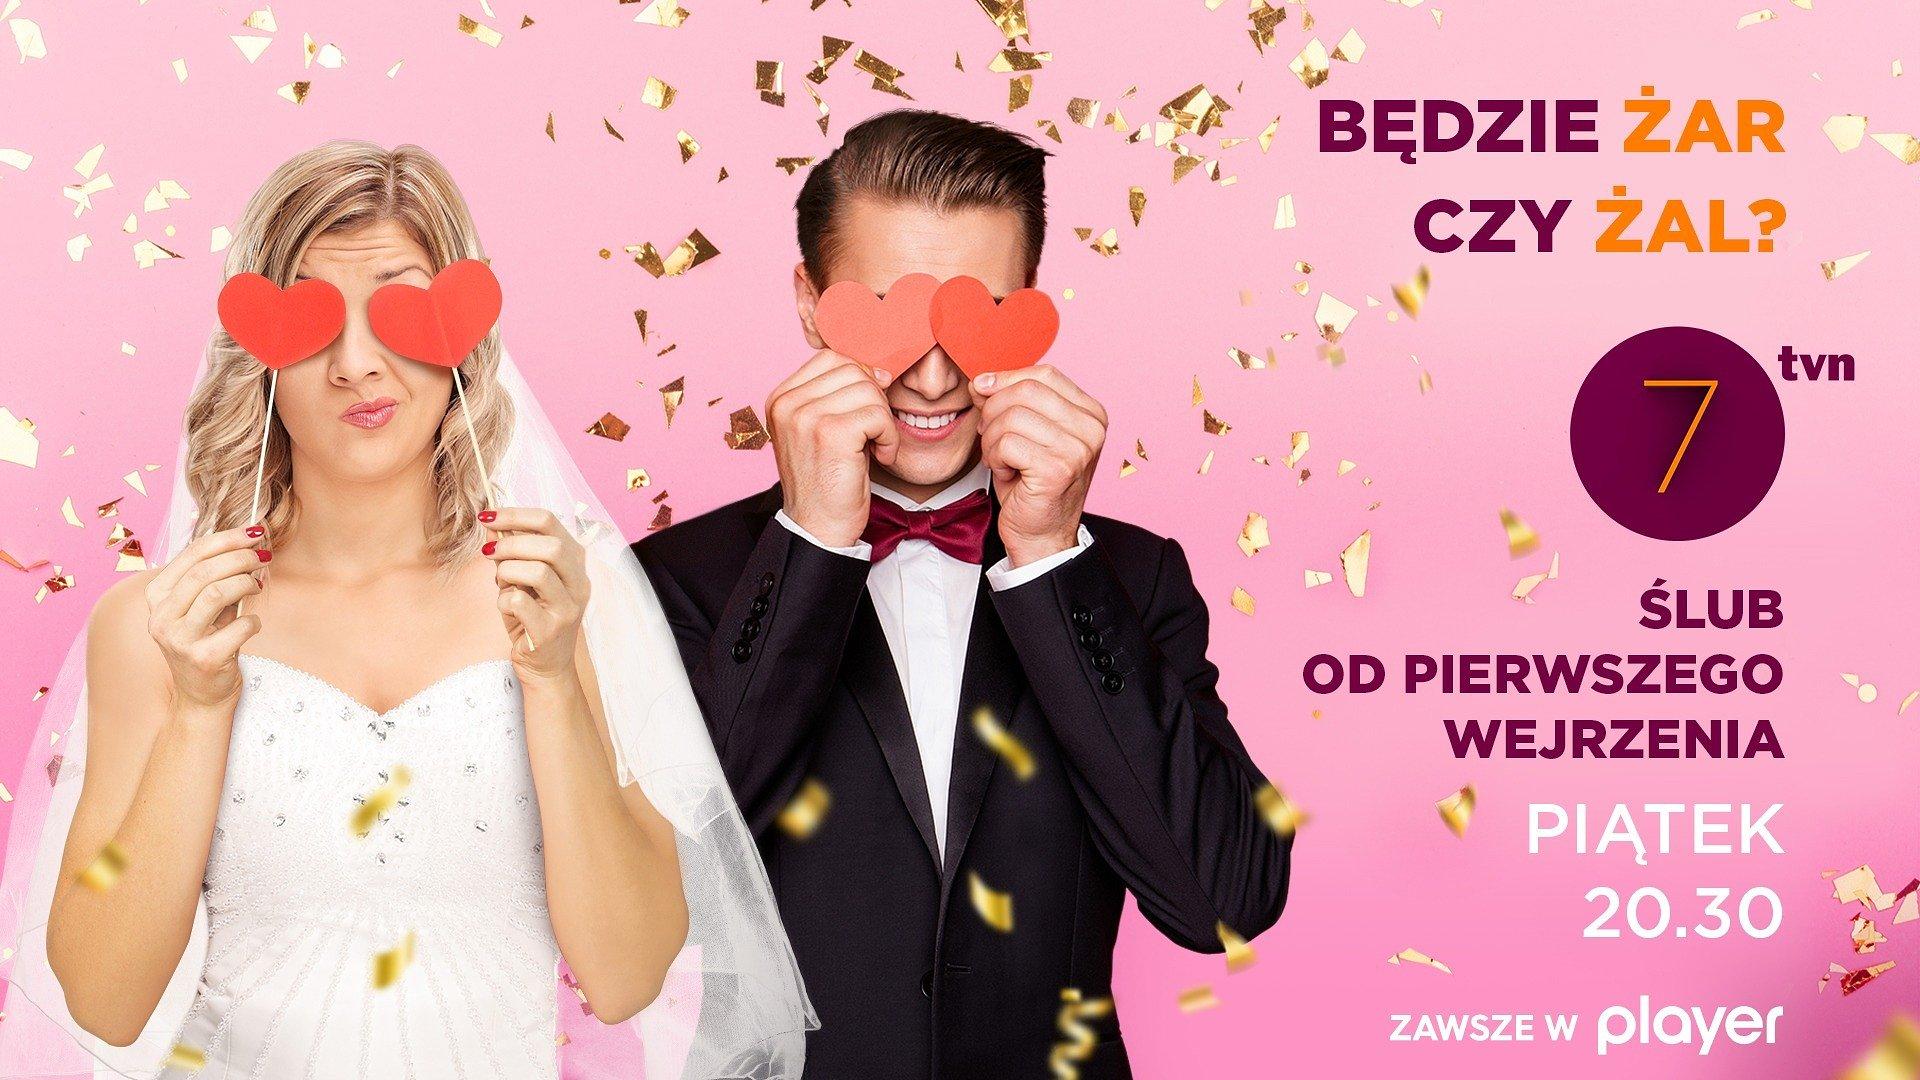 """Nowy sezon """"Ślubu od pierwszego wejrzenia"""" już dziś na antenie Siódemki!"""